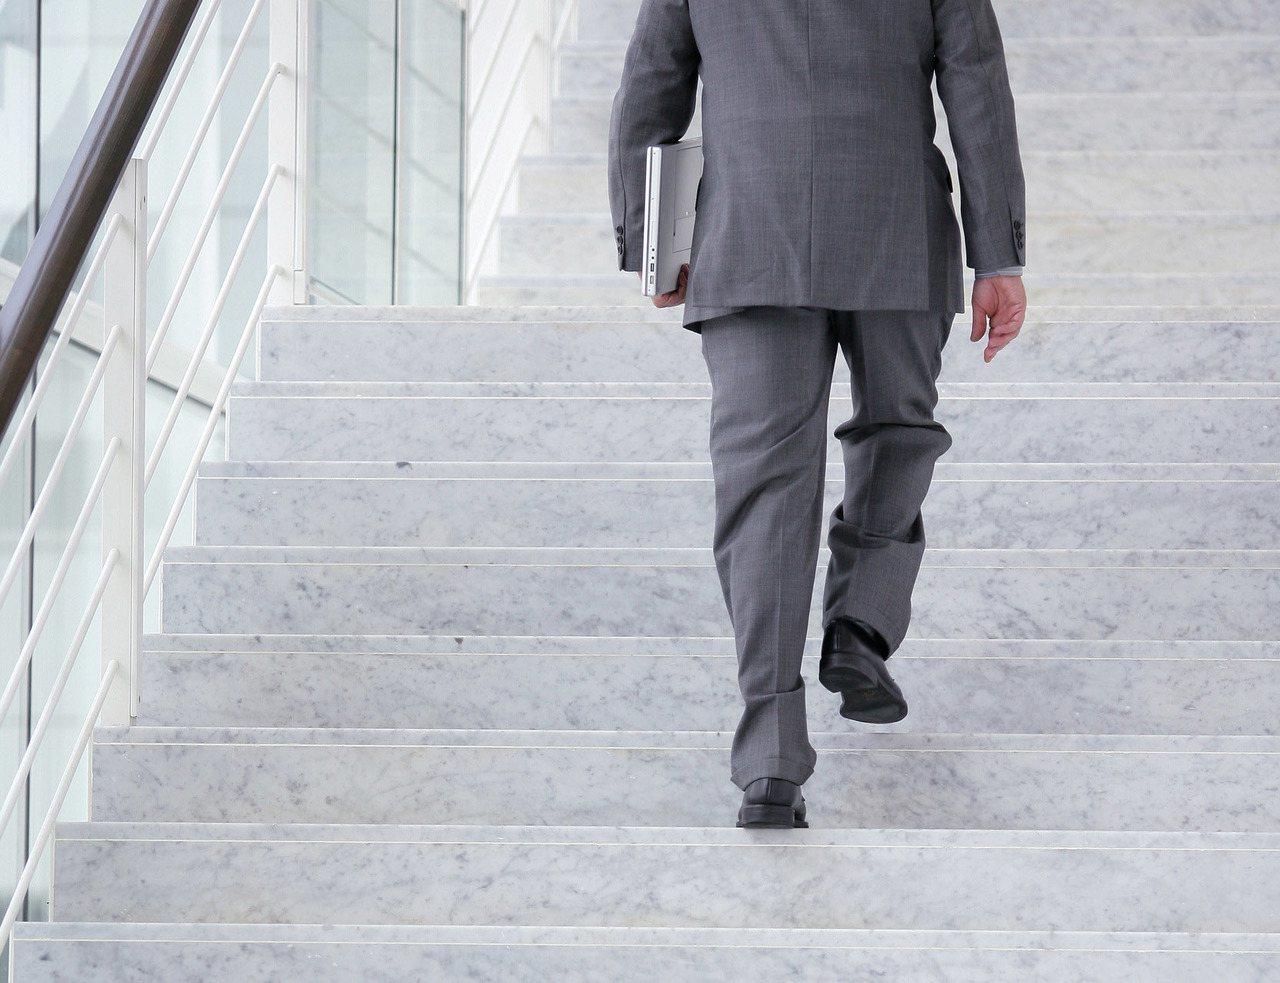 「1分鐘登階肺阻塞風險評估量表」若有「喘、咳、痰」或有吸菸,爬樓梯1分鐘爬不完四...